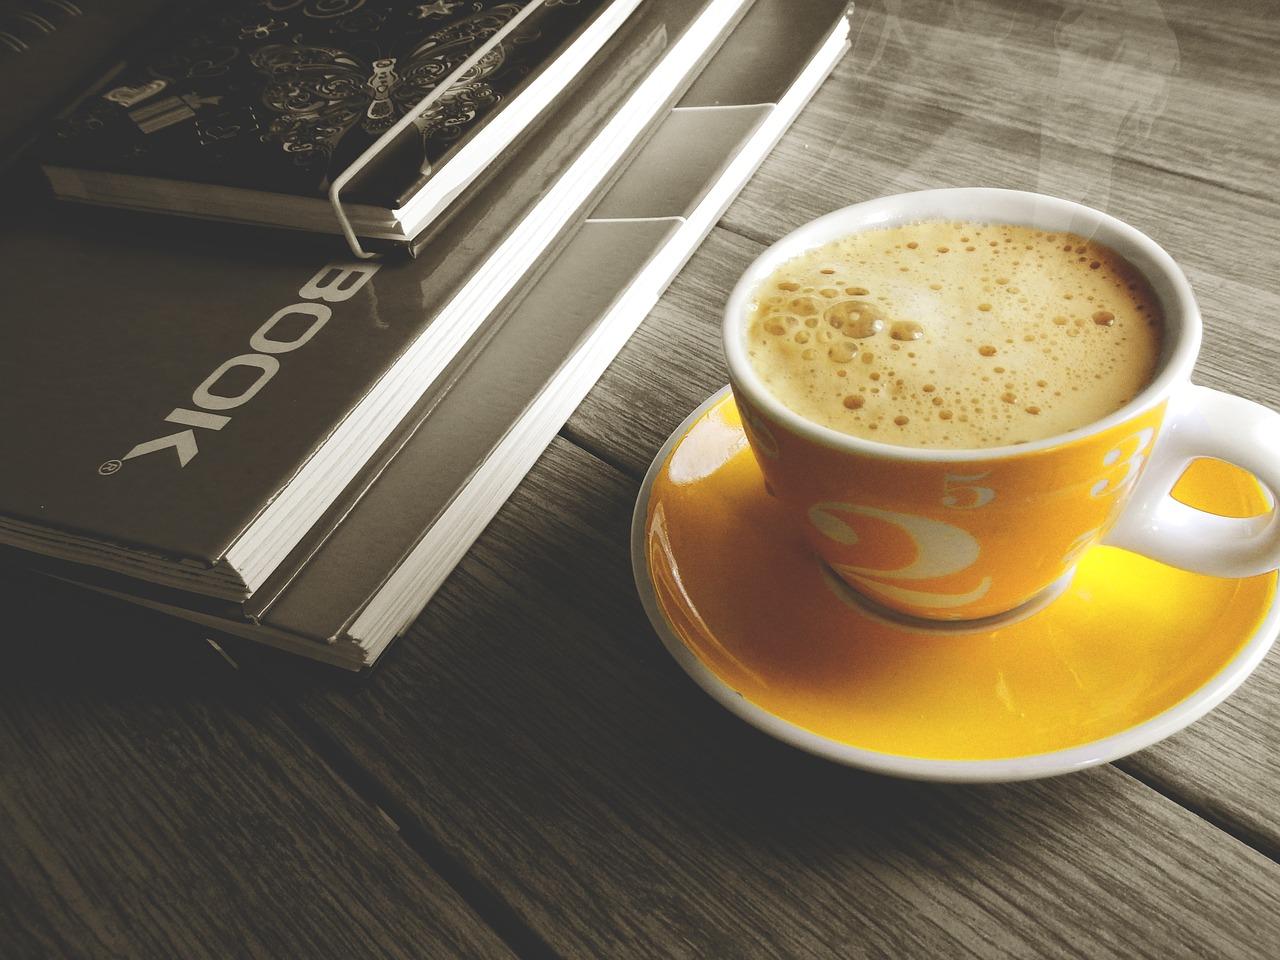 Šta kafa koju pijete govori o vama?